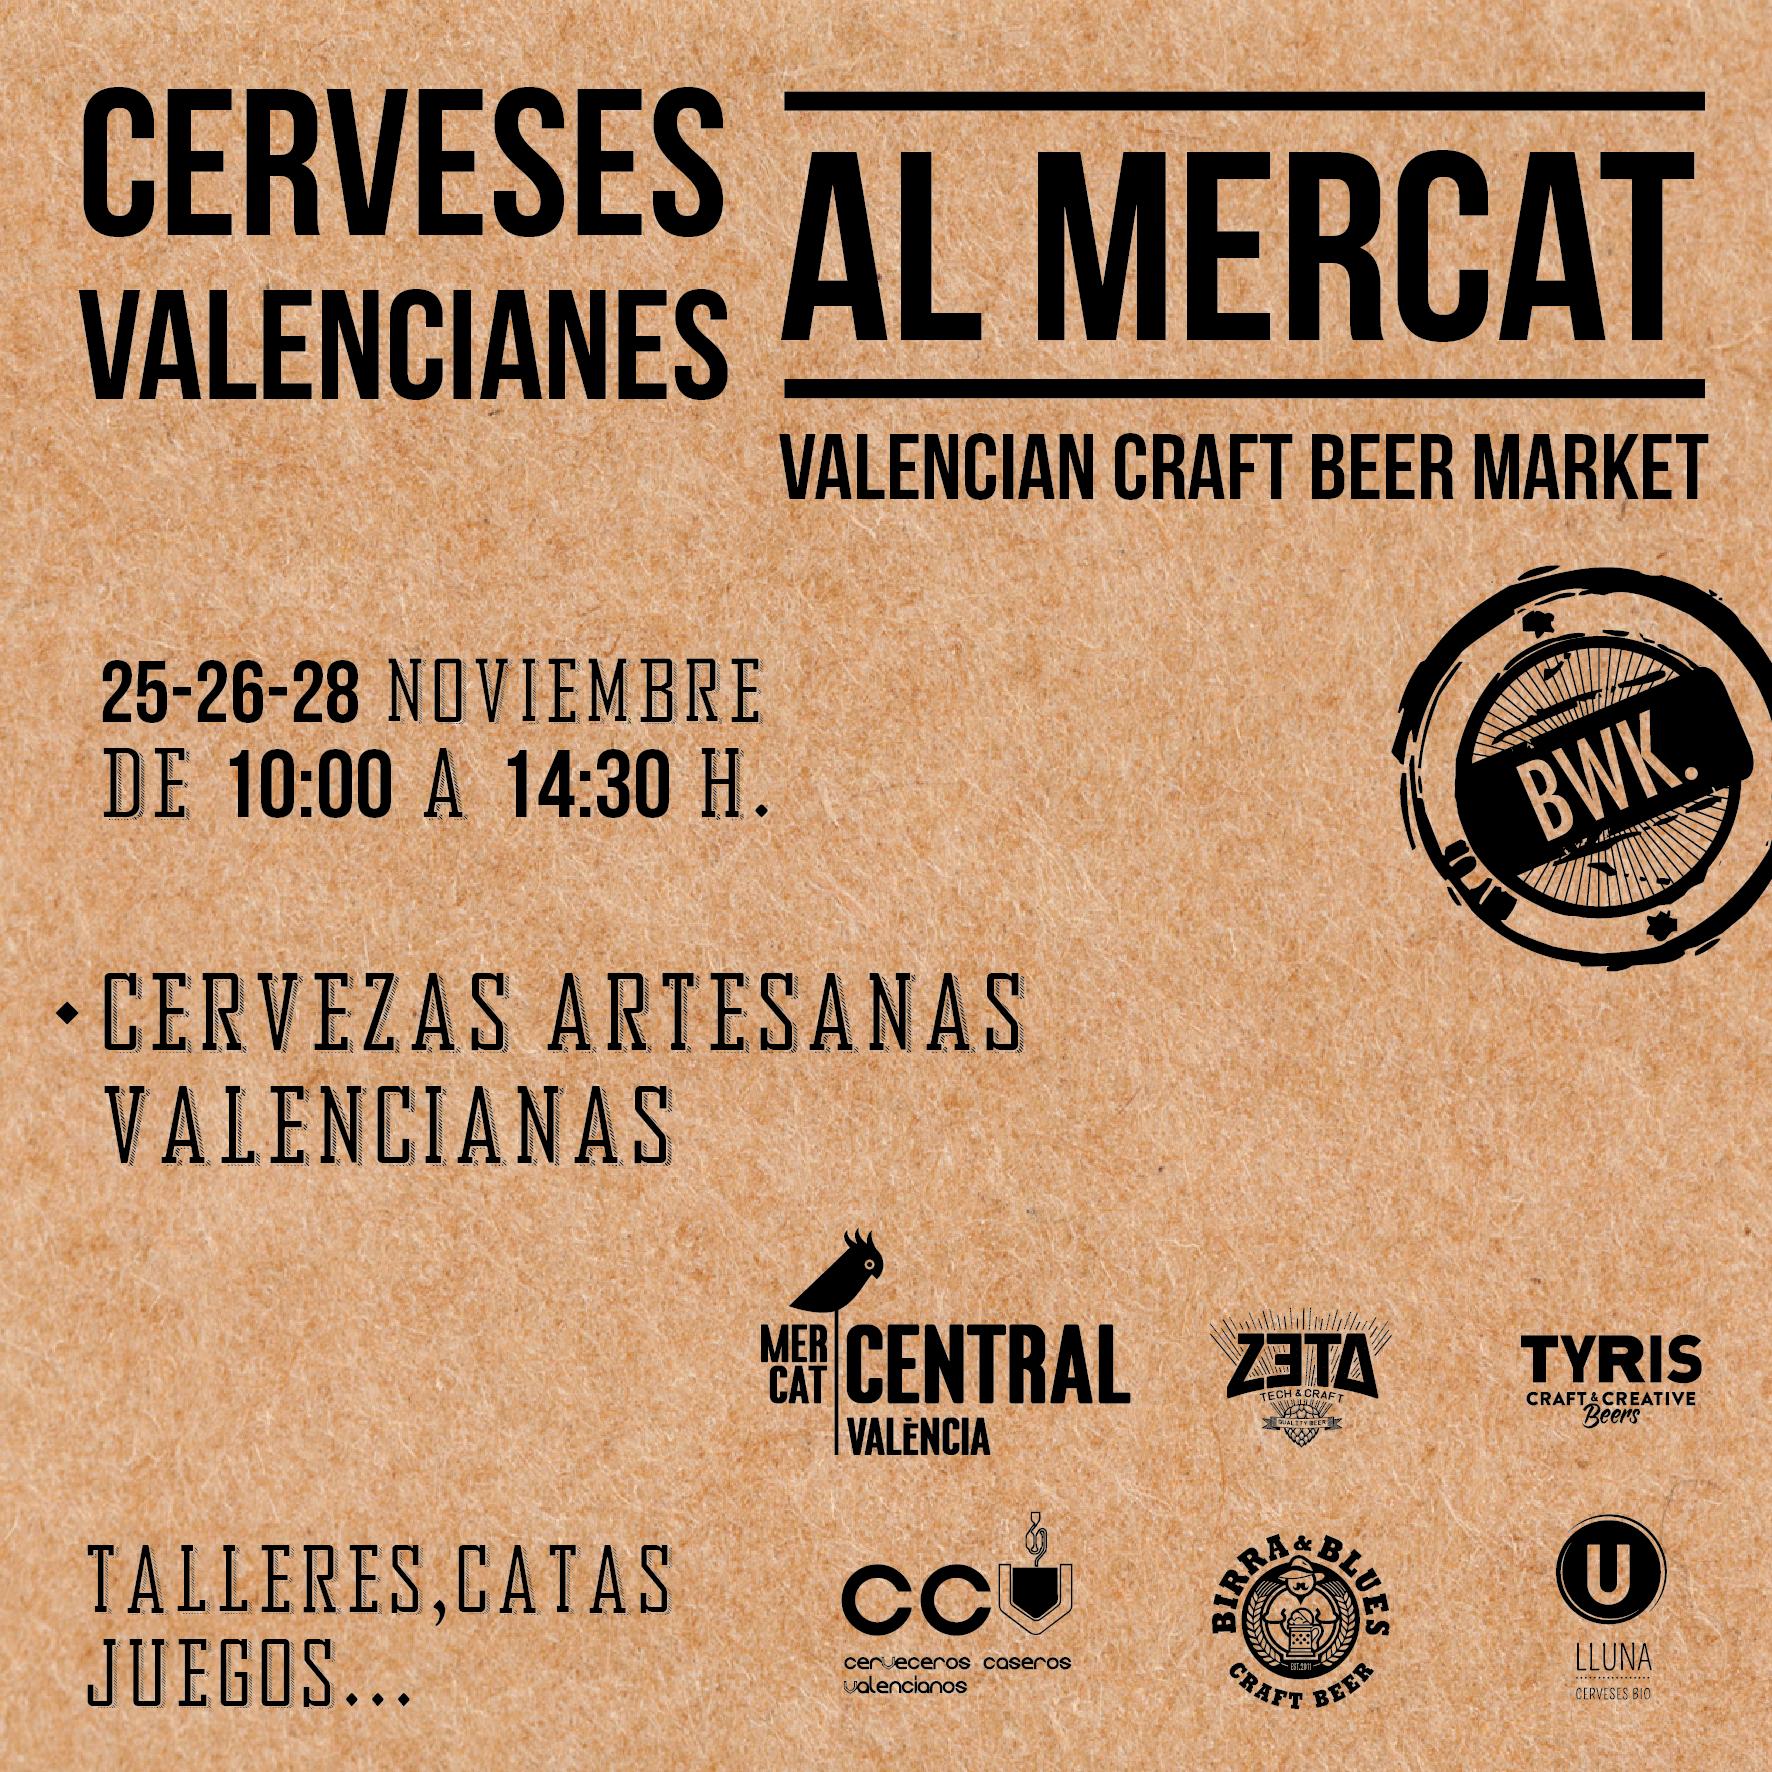 Bierwinkel organiza en el Mercado Central una gymkhana con cervezas artesanas locales